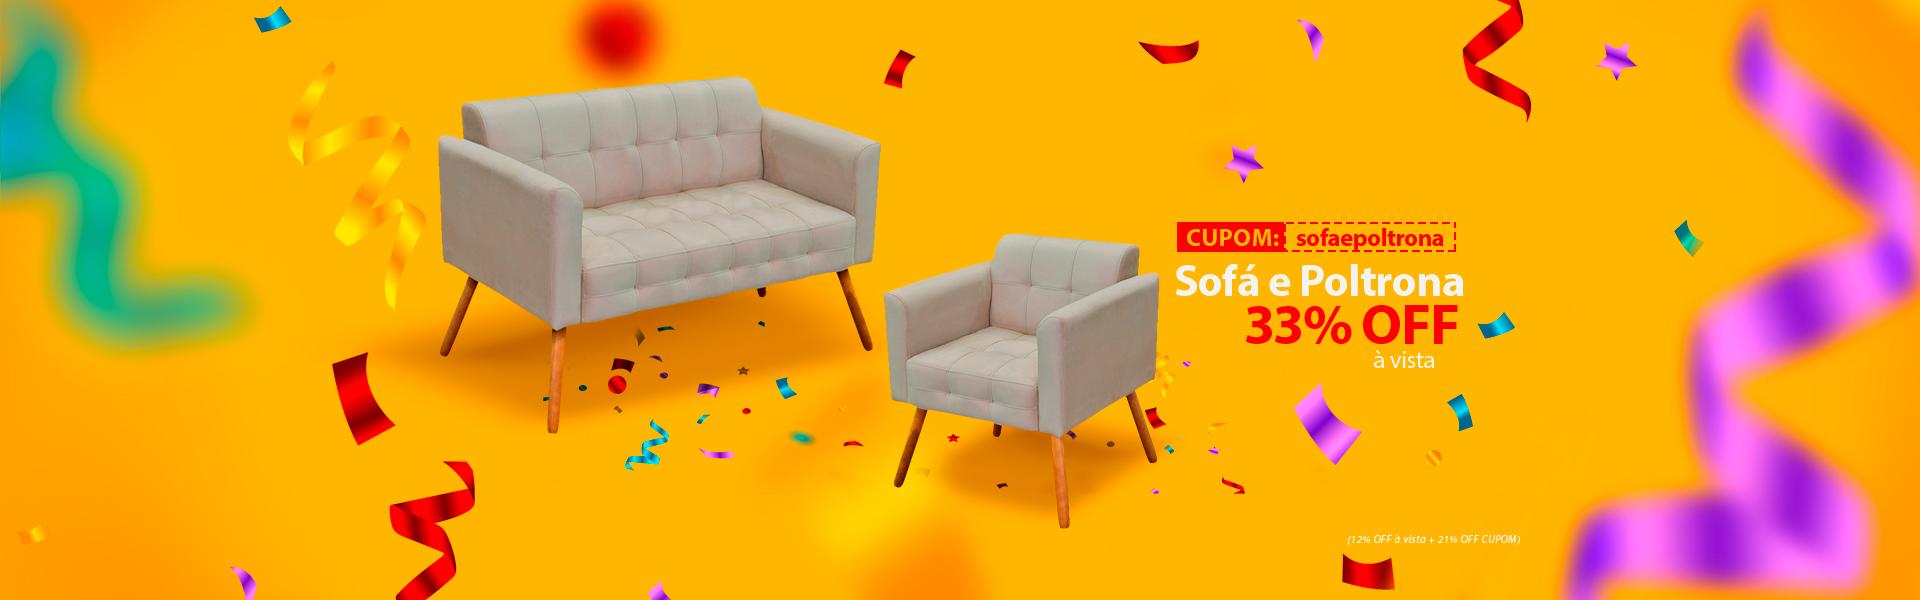 Sofa e Poltrona Elisa